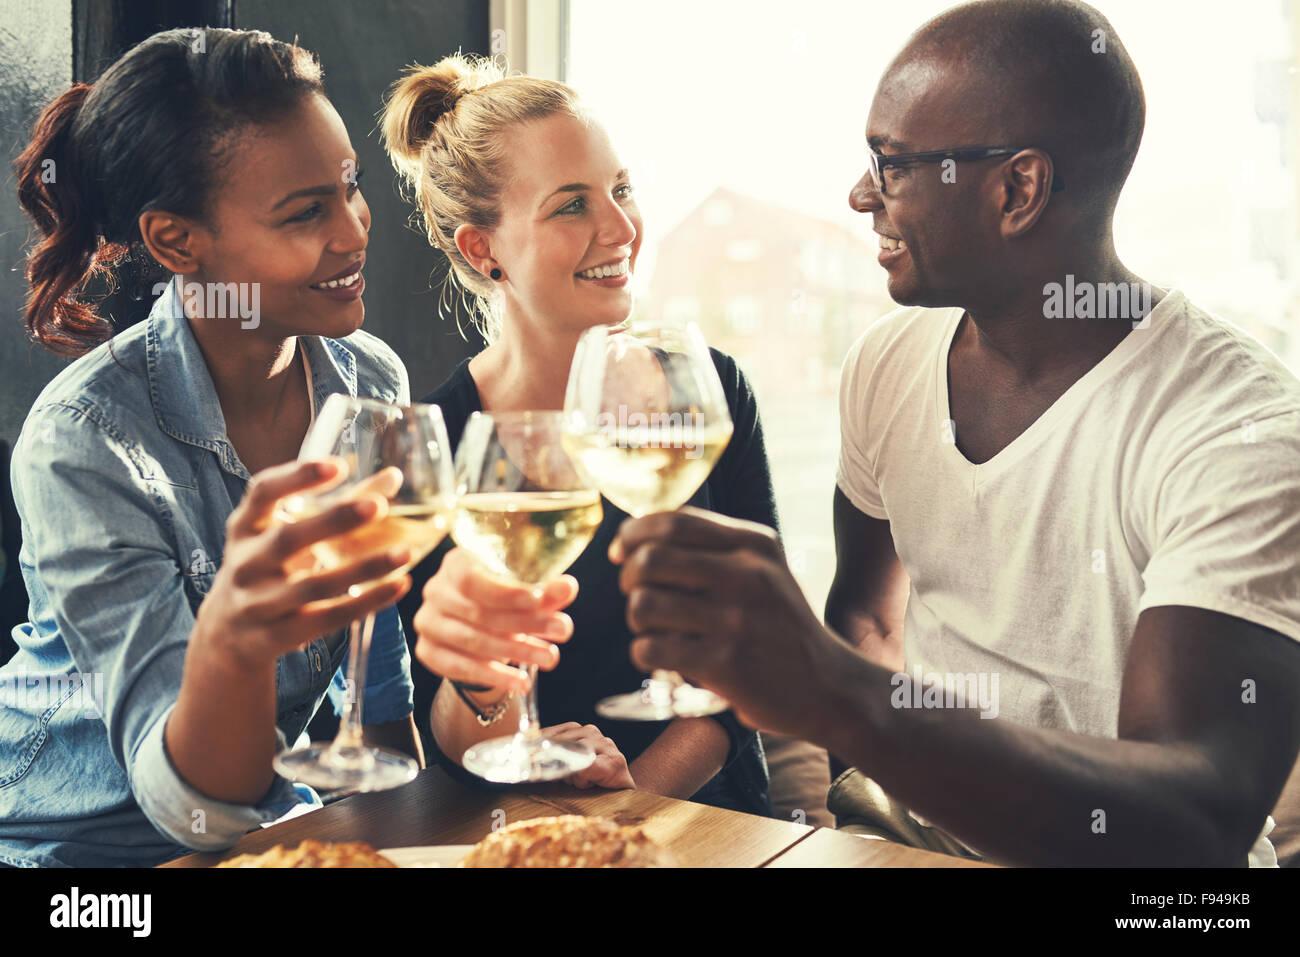 Amigos étnicos en un bar a beber vino y comer de tapas Imagen De Stock